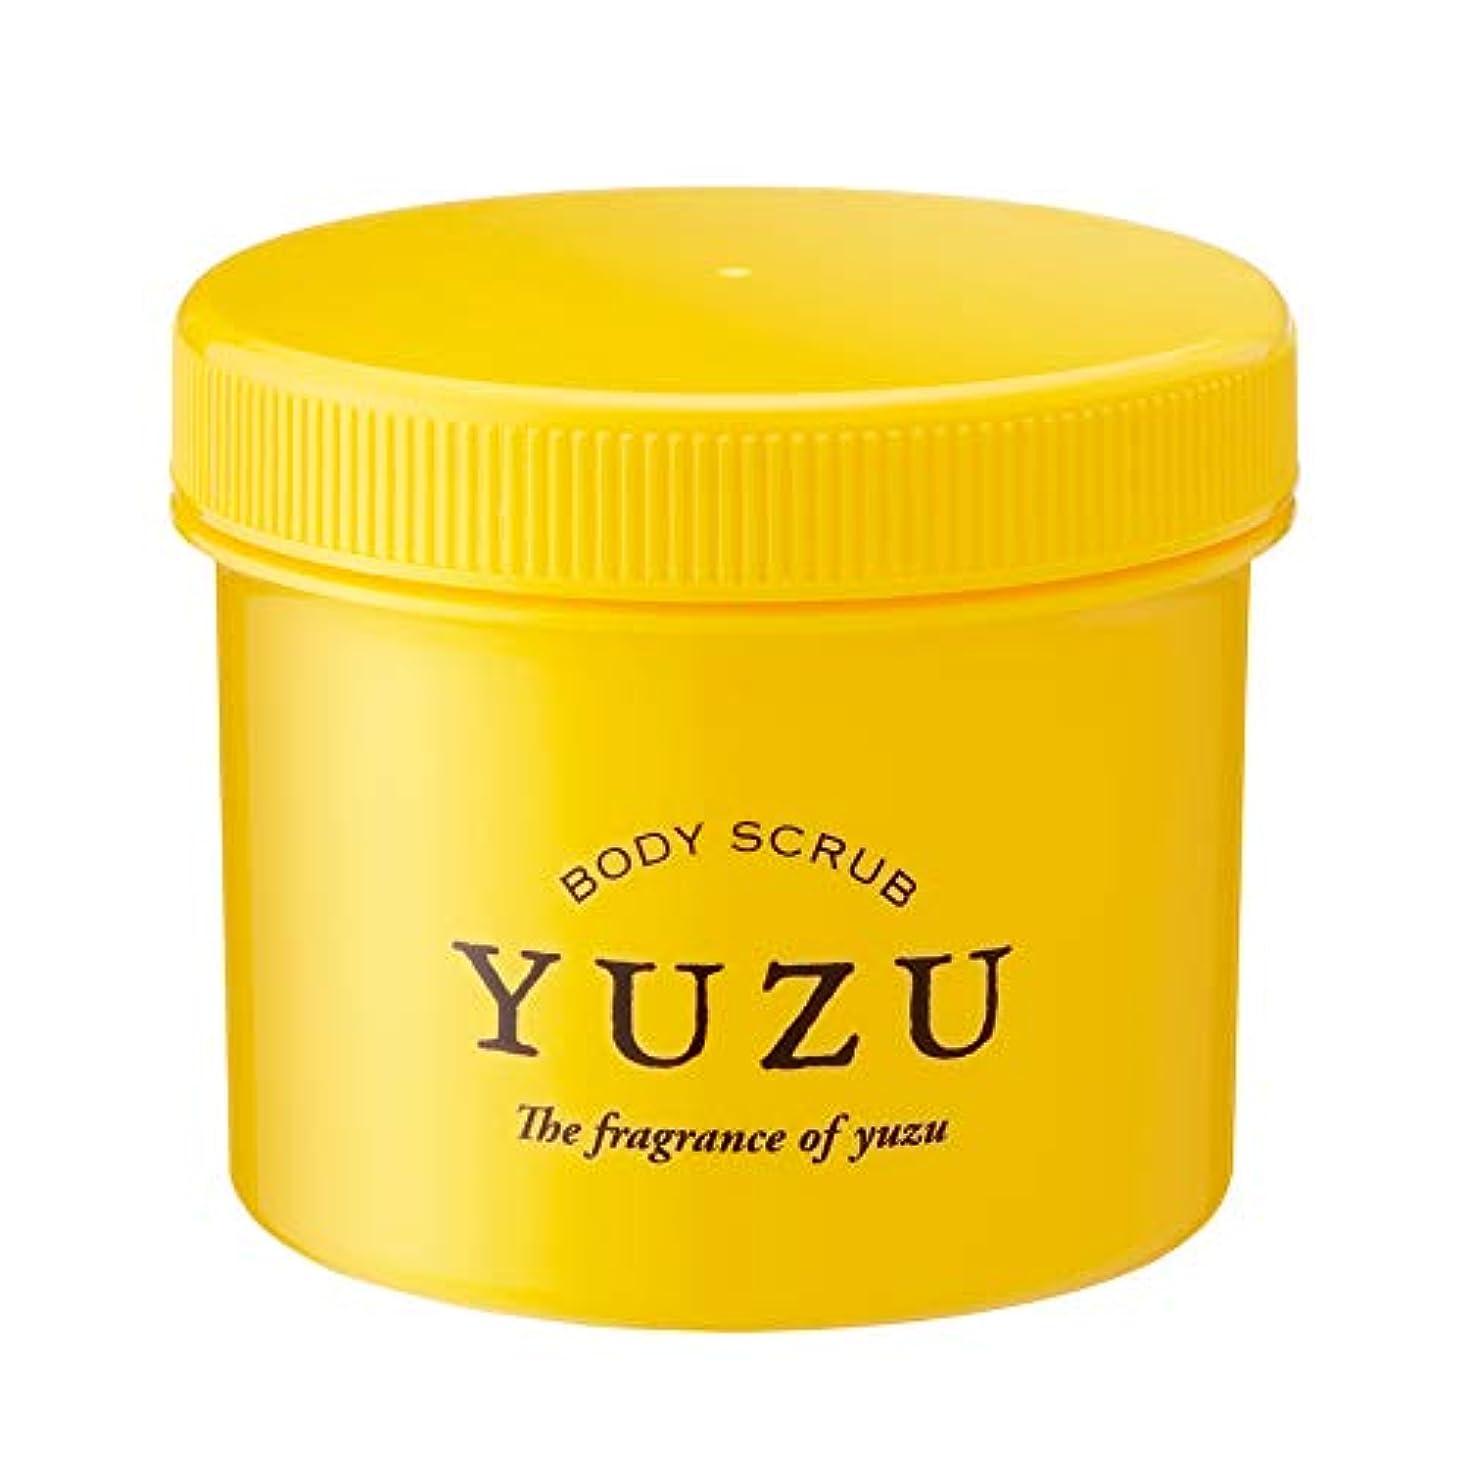 自我スラム挽く(美健)ビケン YUZU ボディマッサージスクラブ 高知県ゆず精油のみで香り付け